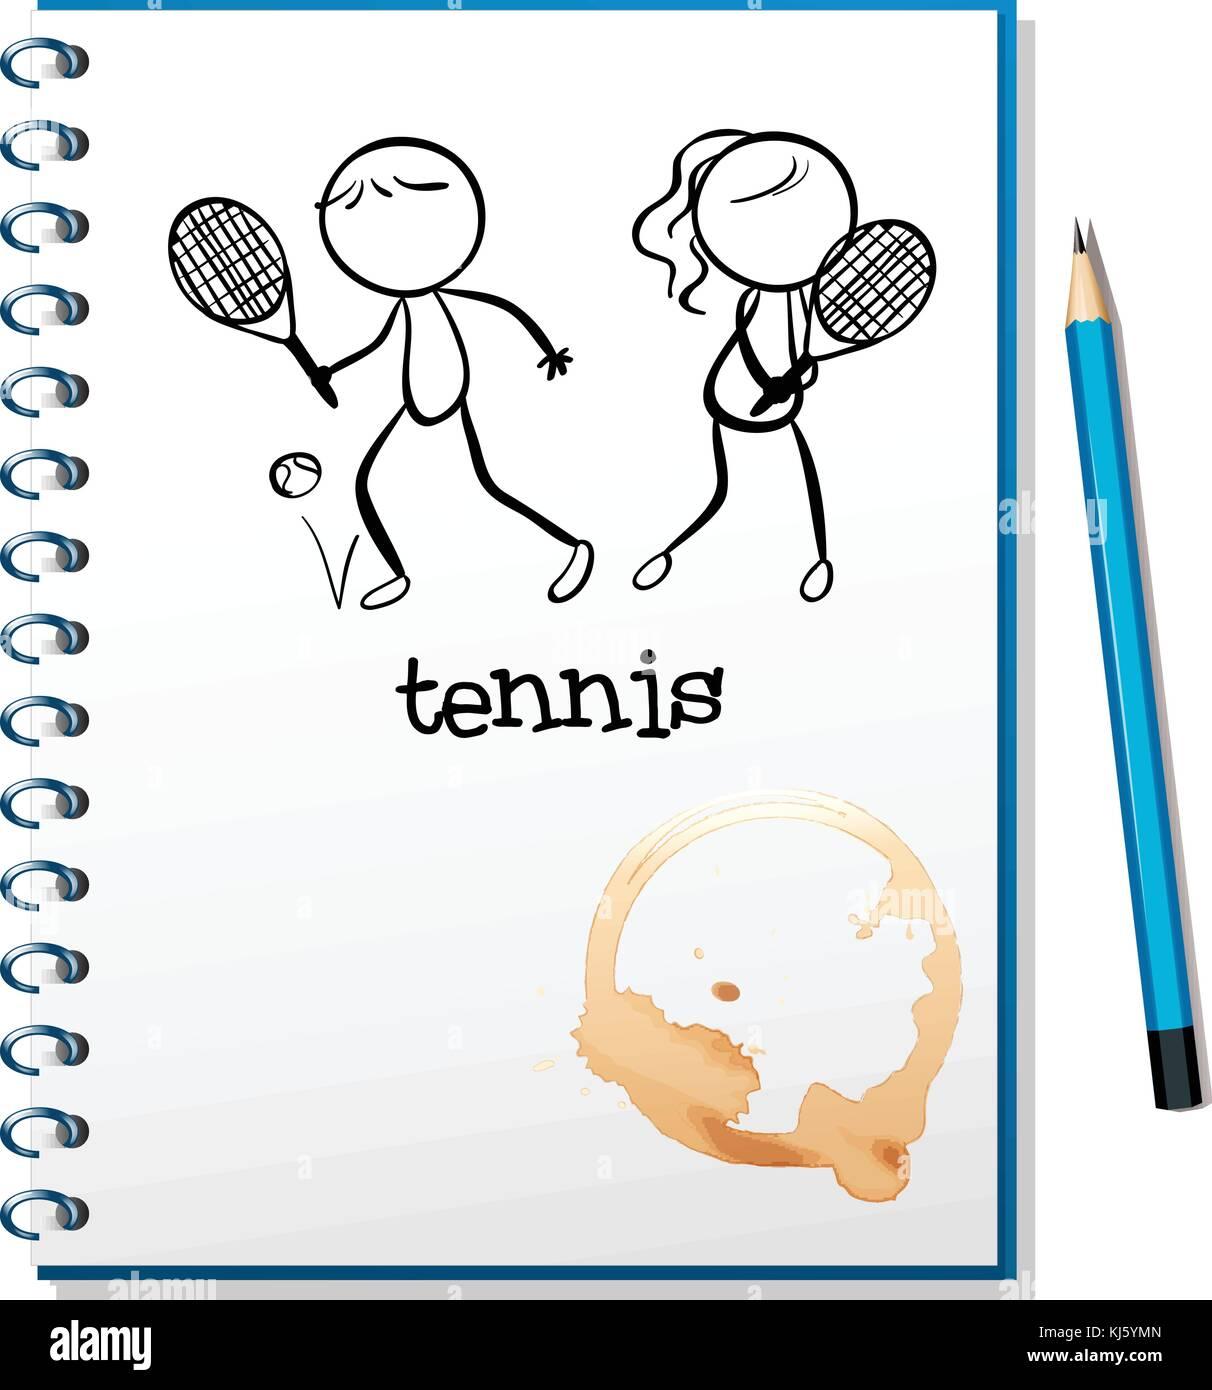 Ilustración de un portátil con un boceto de un niño y una niña ...